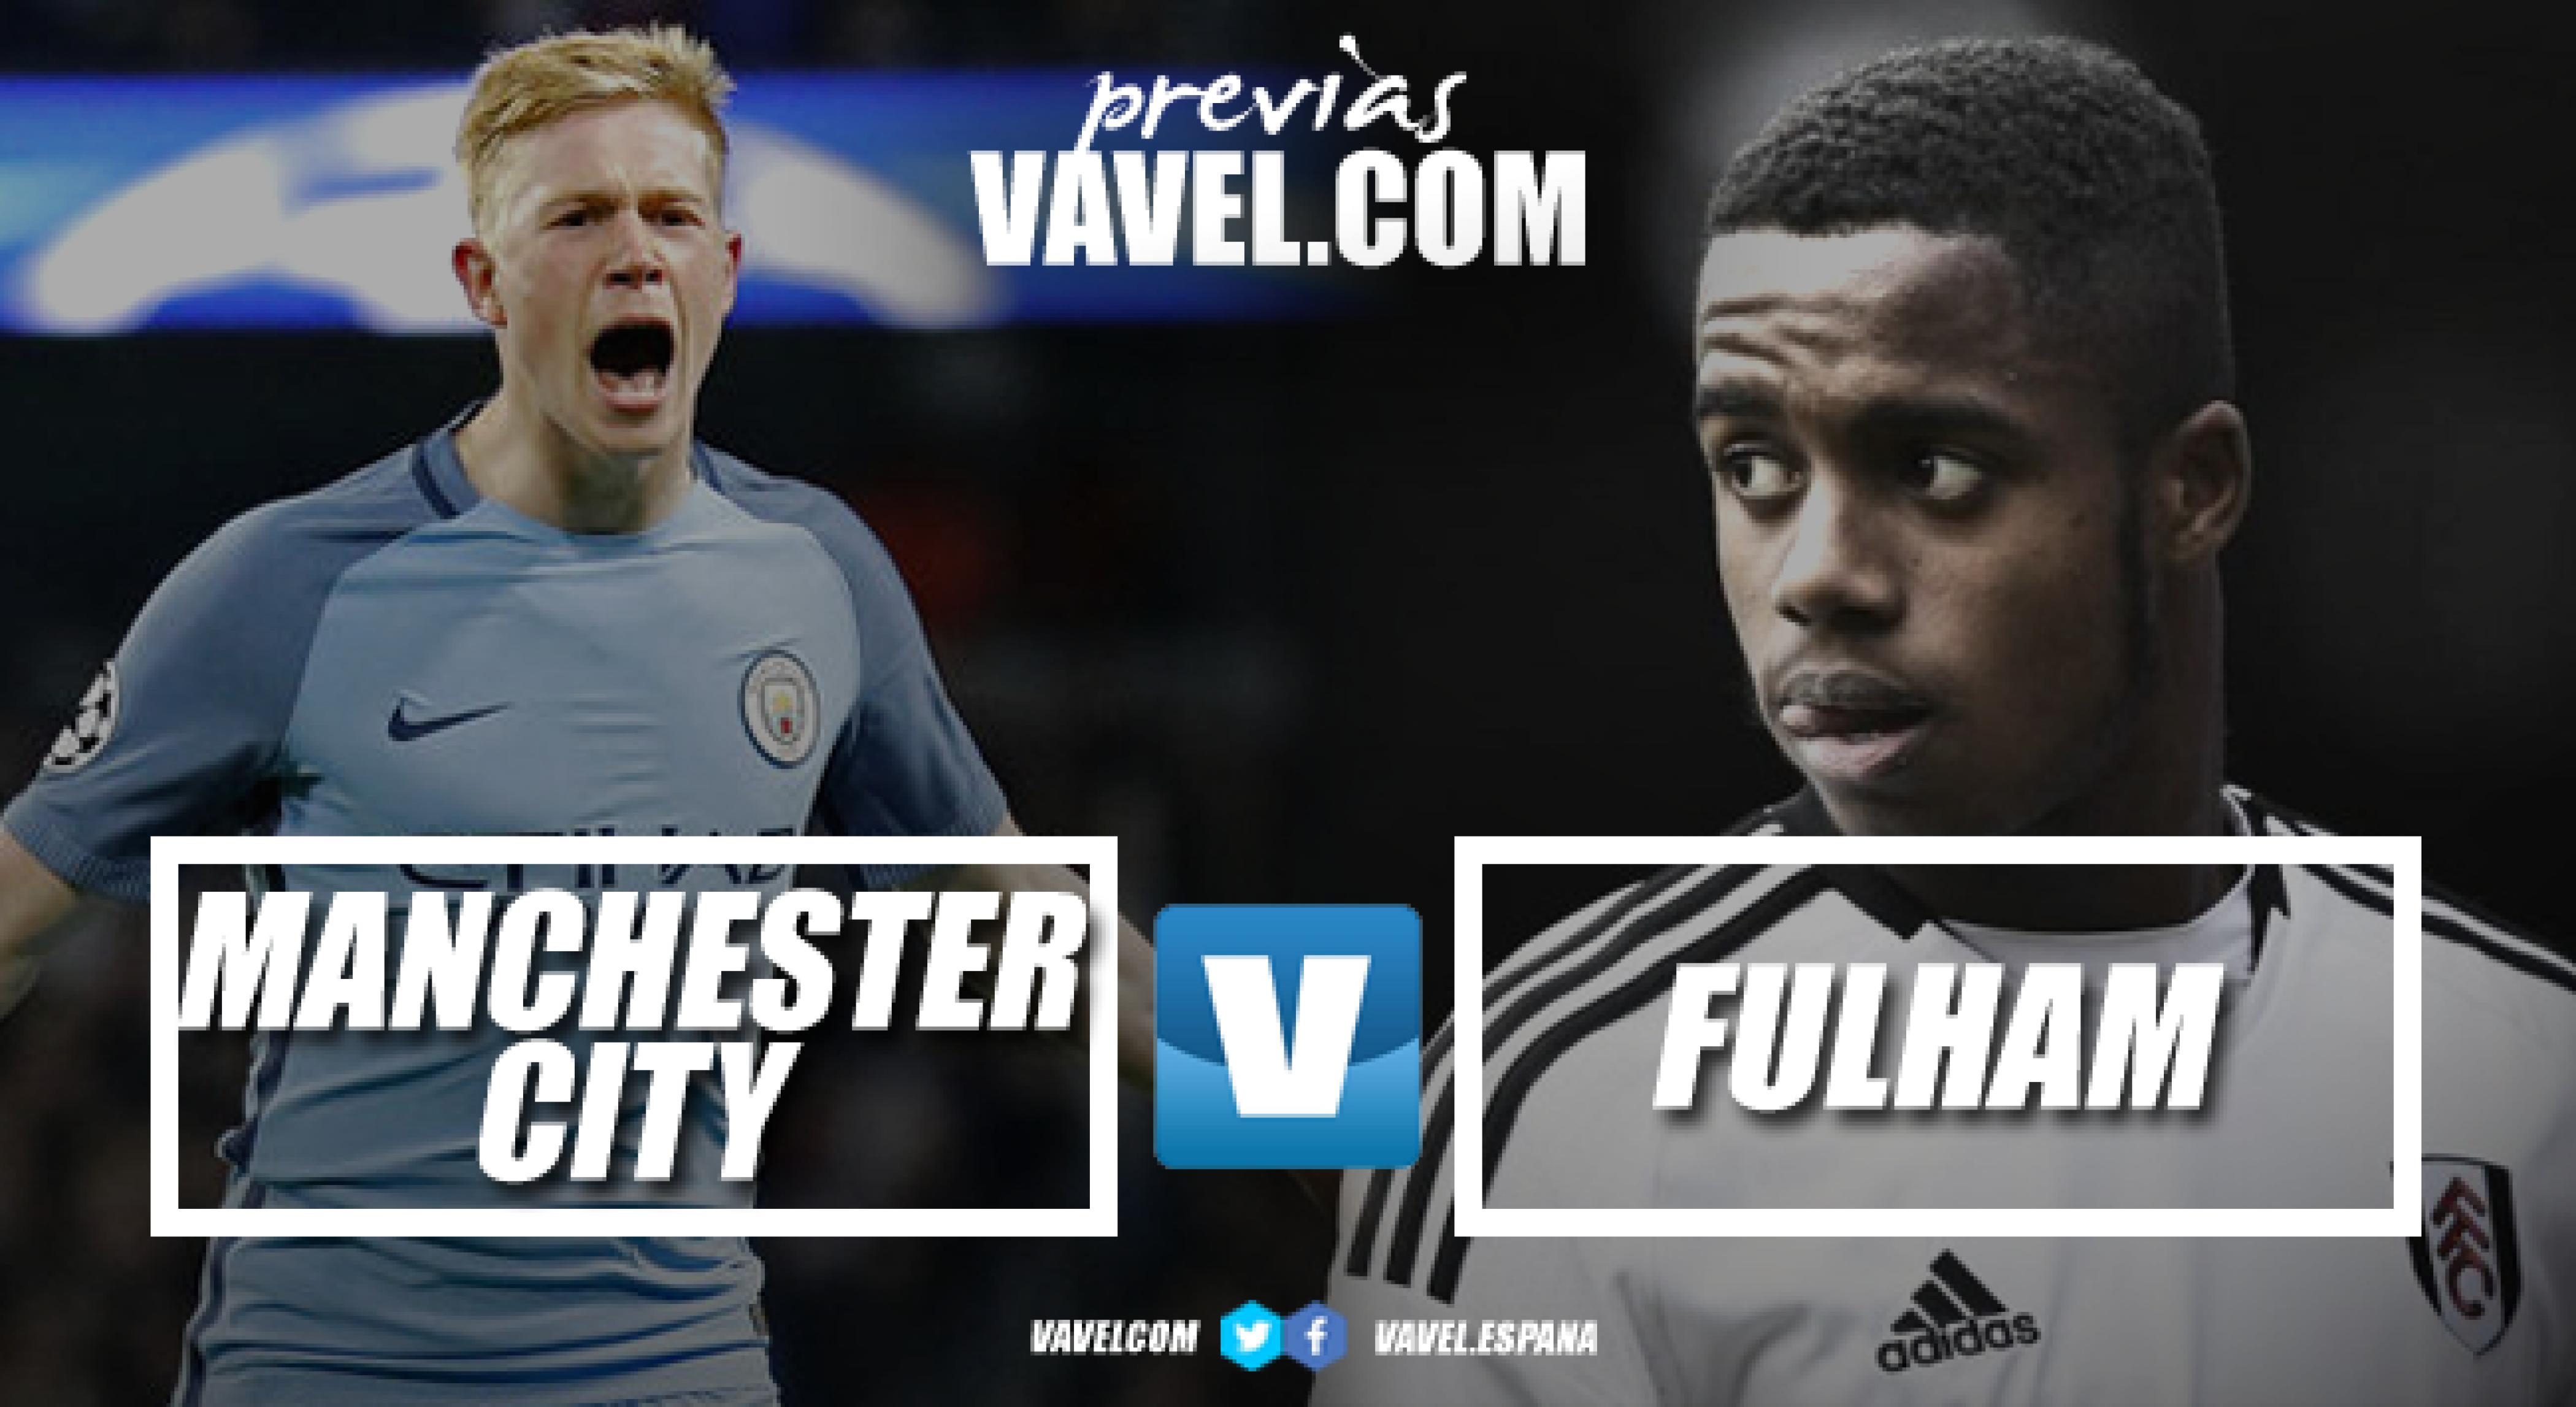 Previa Manchester City - Fulham: los de Pep también quieren pelear arriba